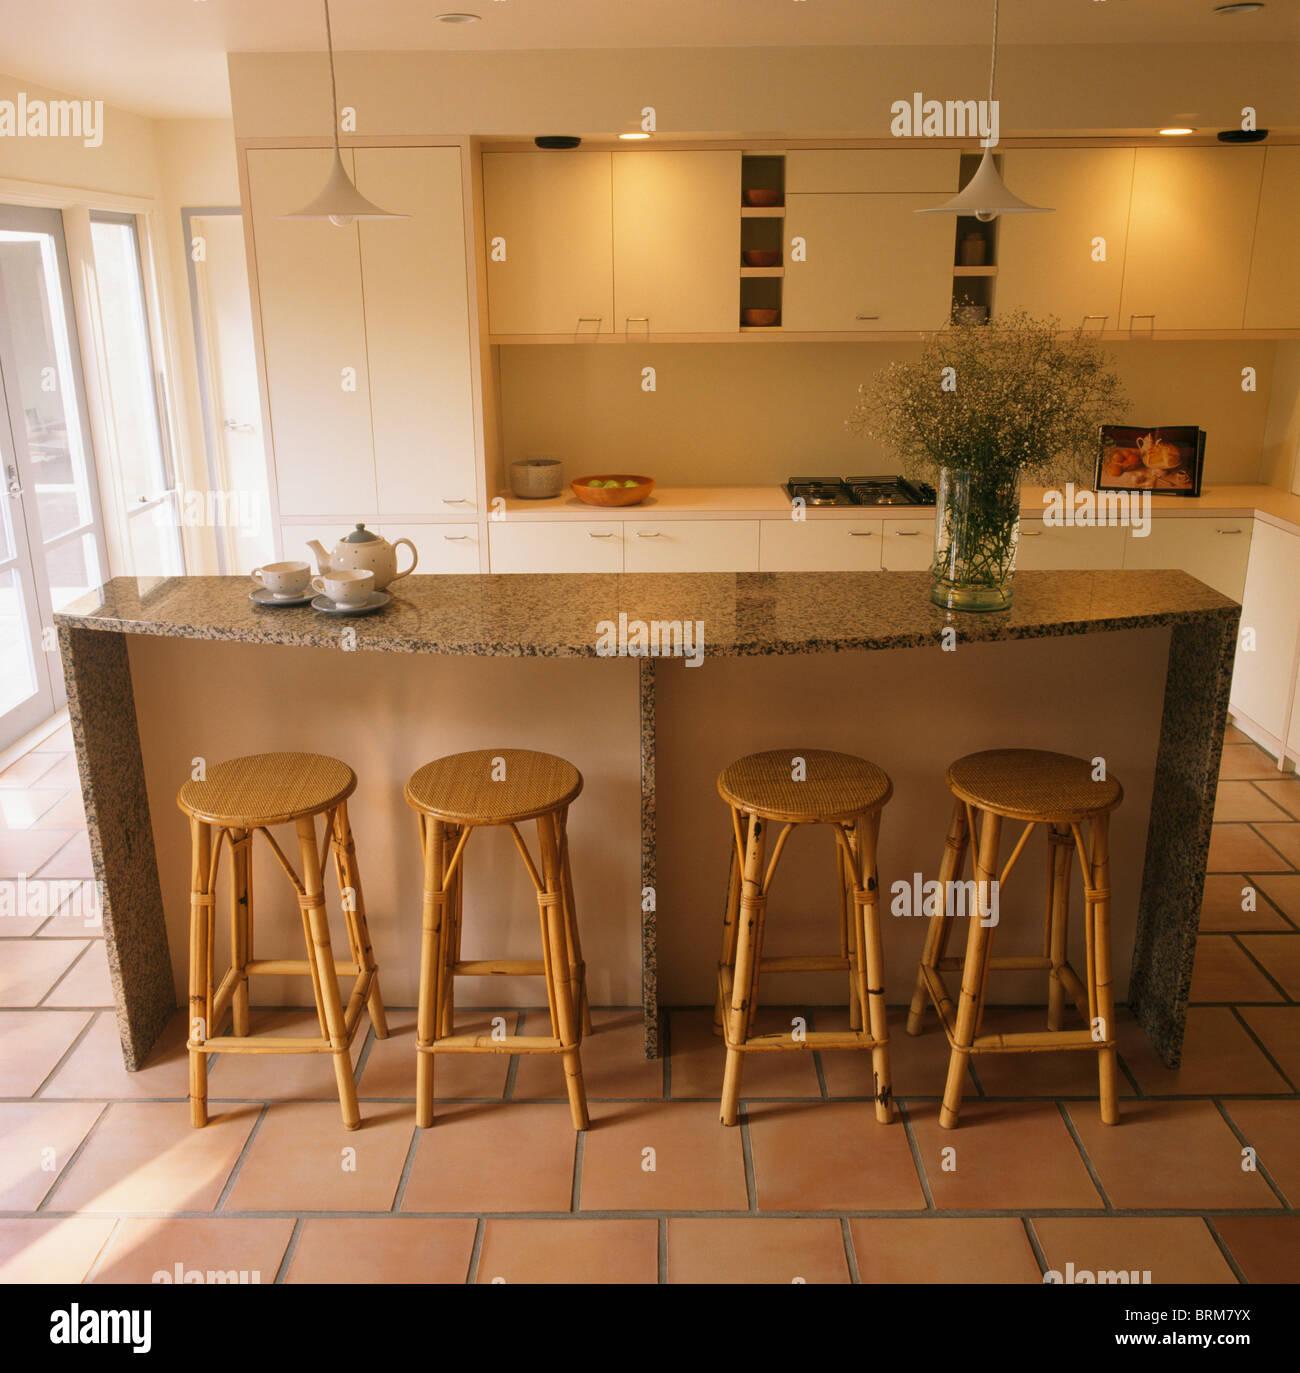 Rohrstock Hocker An Der Theke Auf Granit Erstklassige Insel Gerät In Moderne  Küche Mit Down Beleuchtung über Schränke